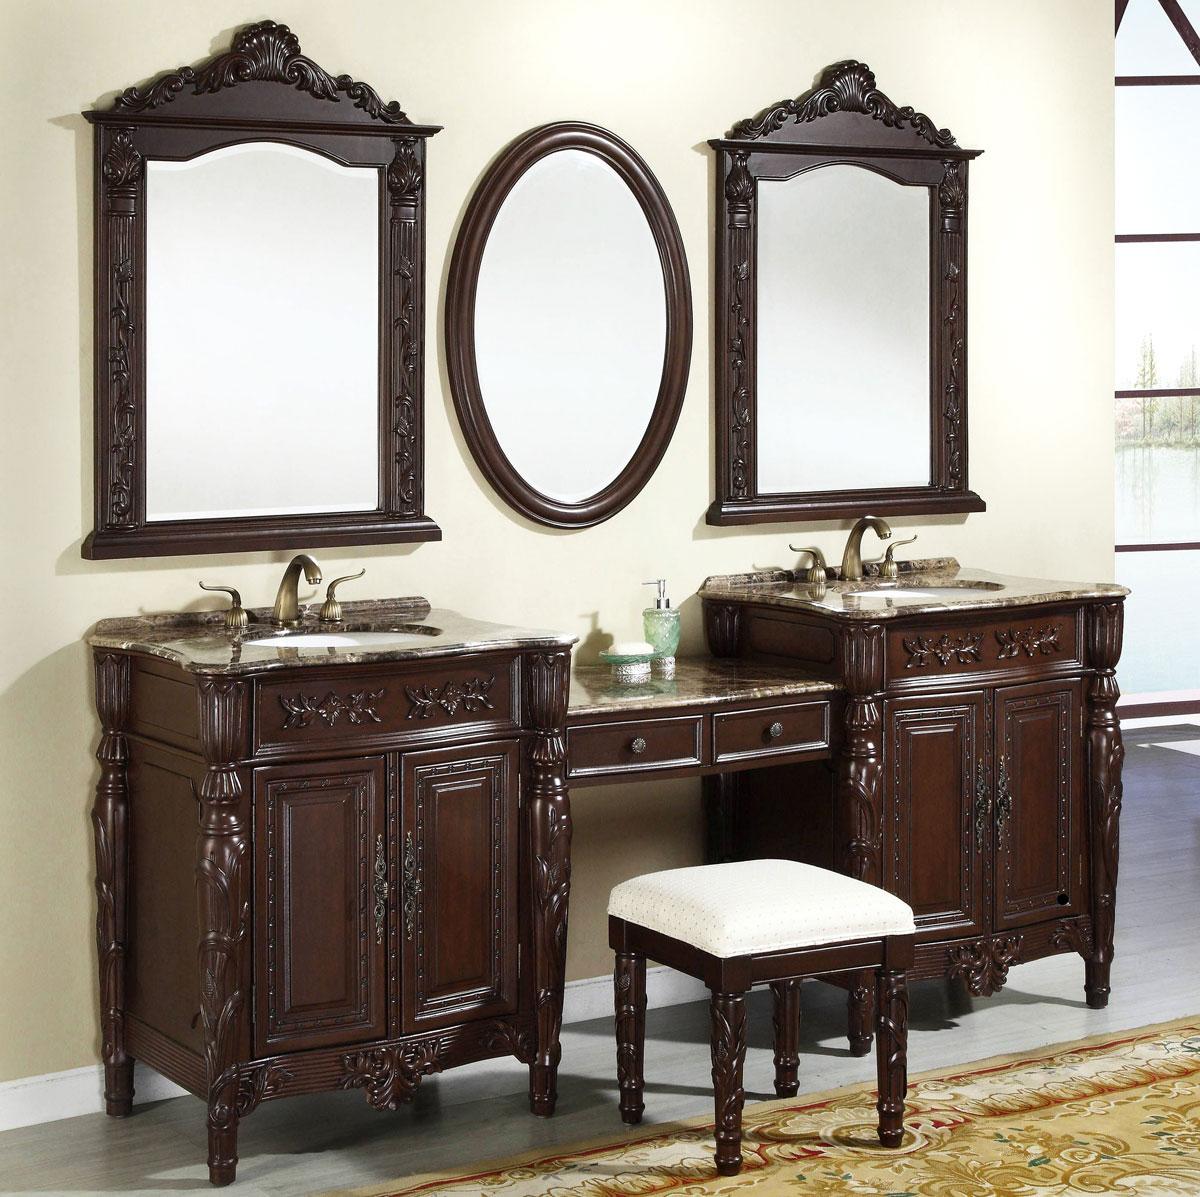 Zestaw ciemnych, drewnianych mebli łazienkowych retro z podwójną umywalką i stylową toaletką do makijażu. W komplecie także trzy klasyczne lustra.